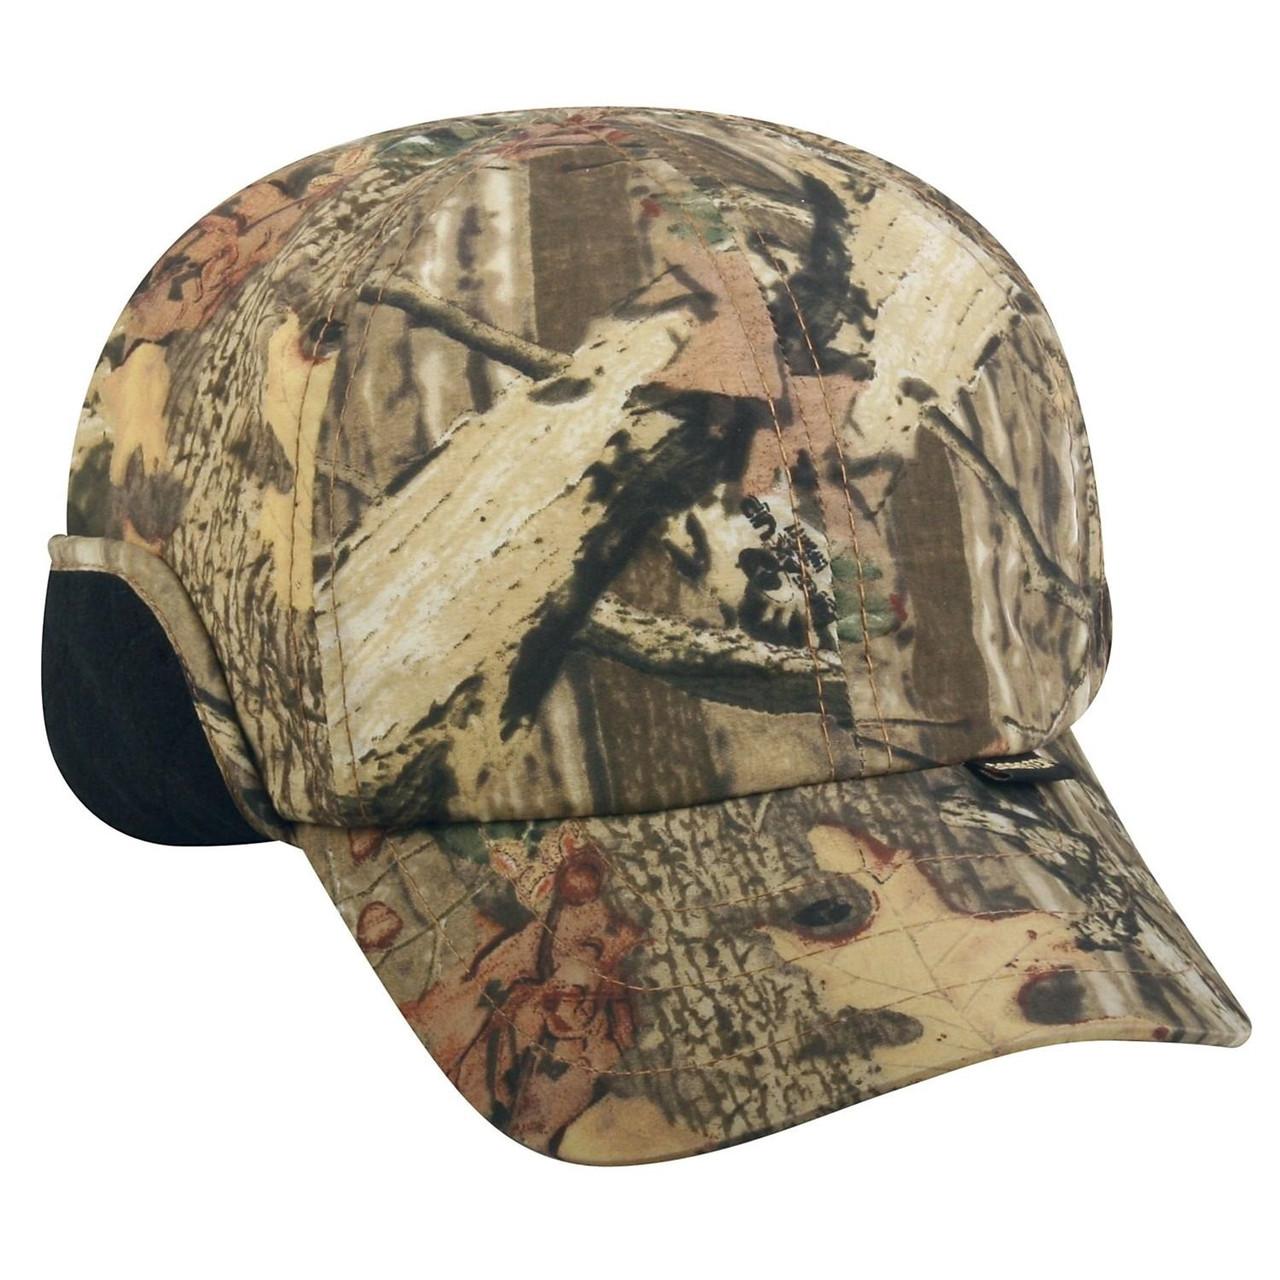 Кепка охотничья утепленная Outdoor Cap Gore-Tex® Earband Cap